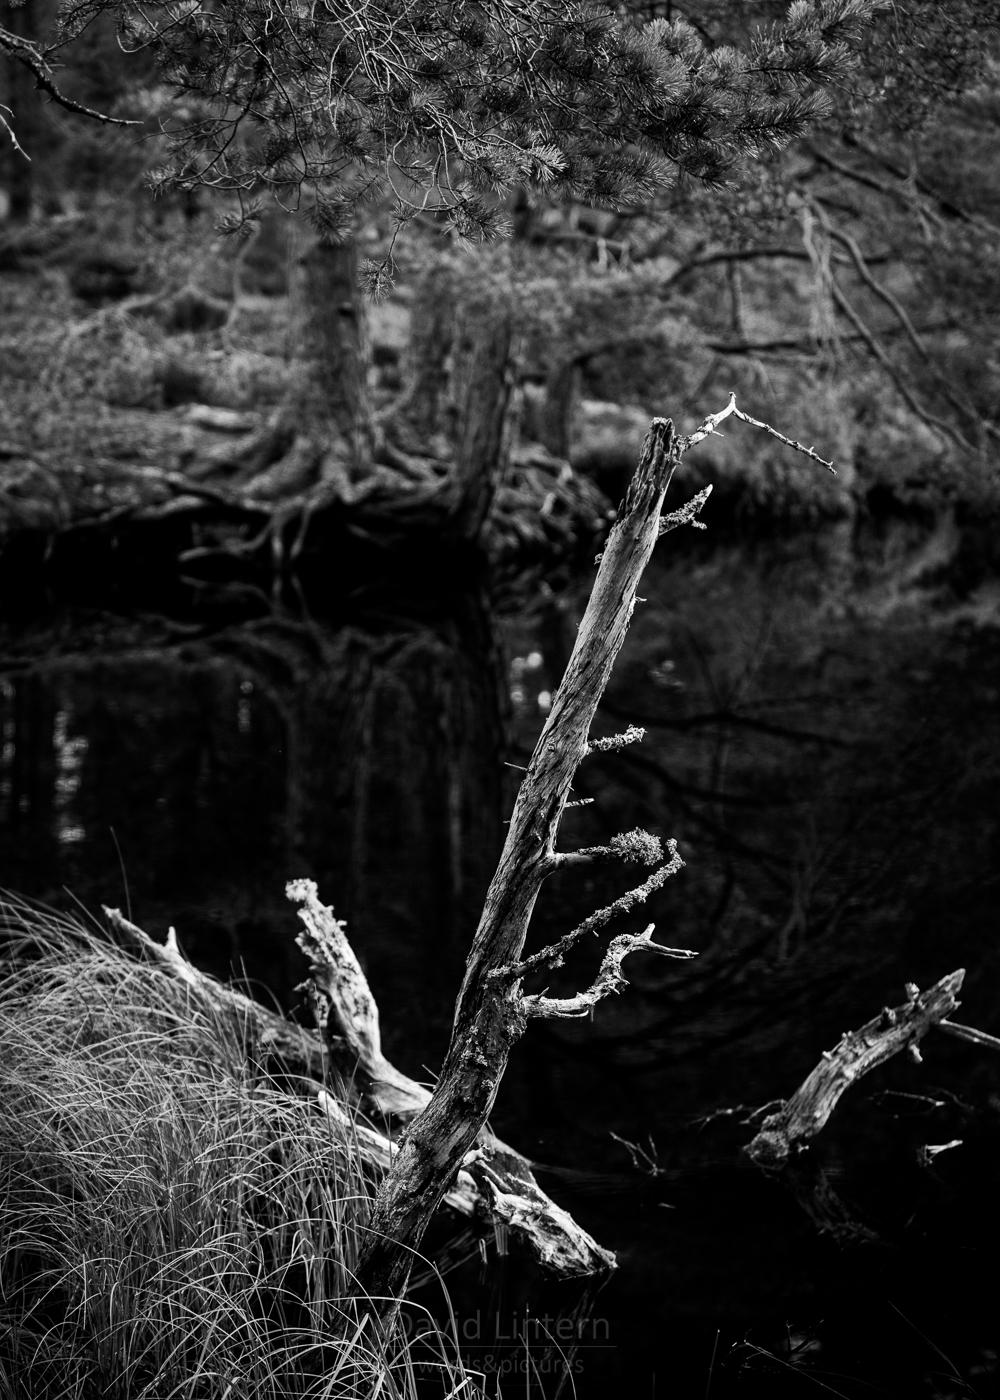 Lintern-02580.jpg